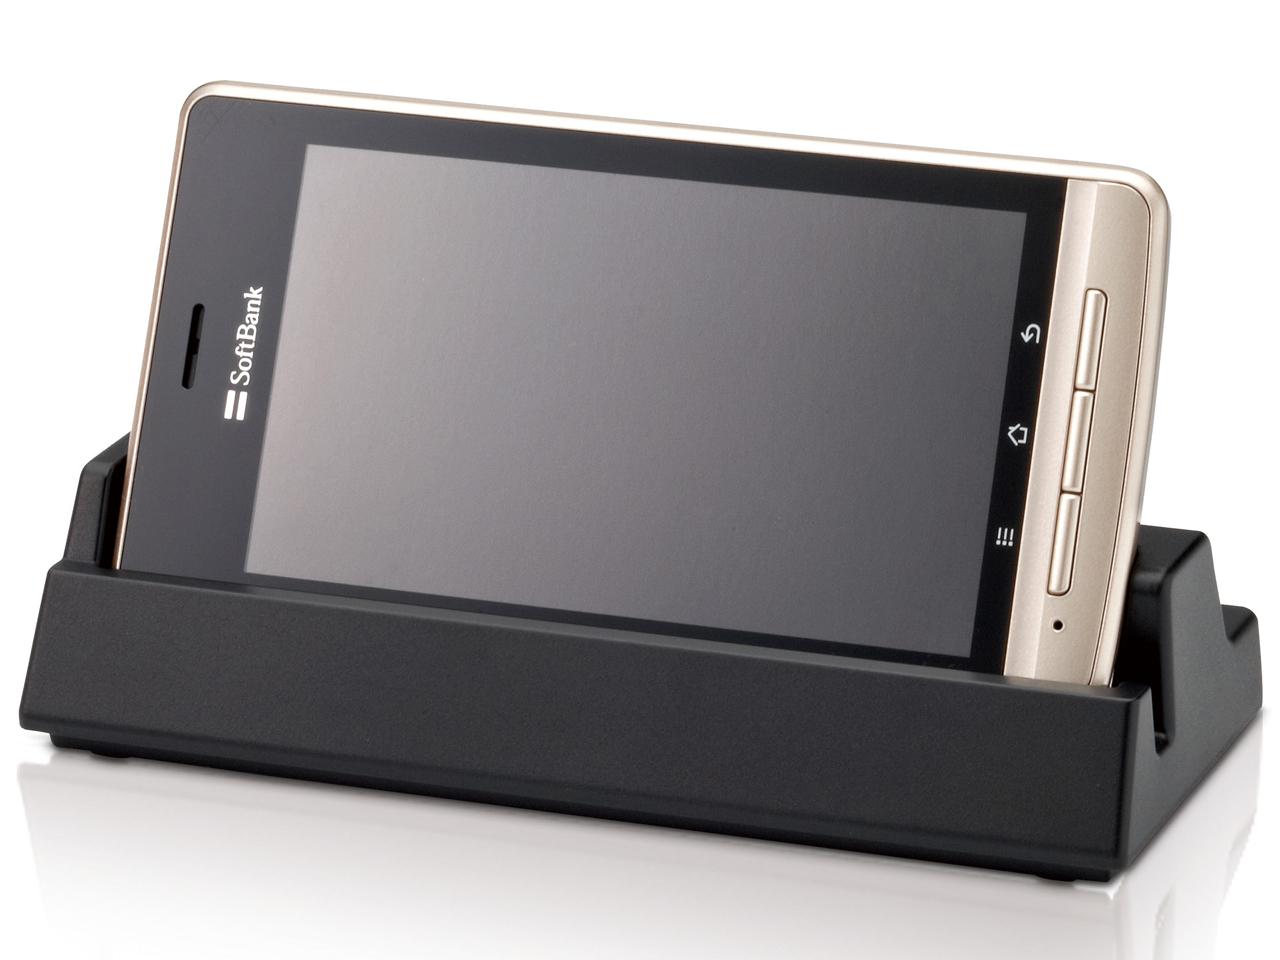 『本体 正面2』 LUMIX Phone 101P SoftBank [メロウゴールド] の製品画像